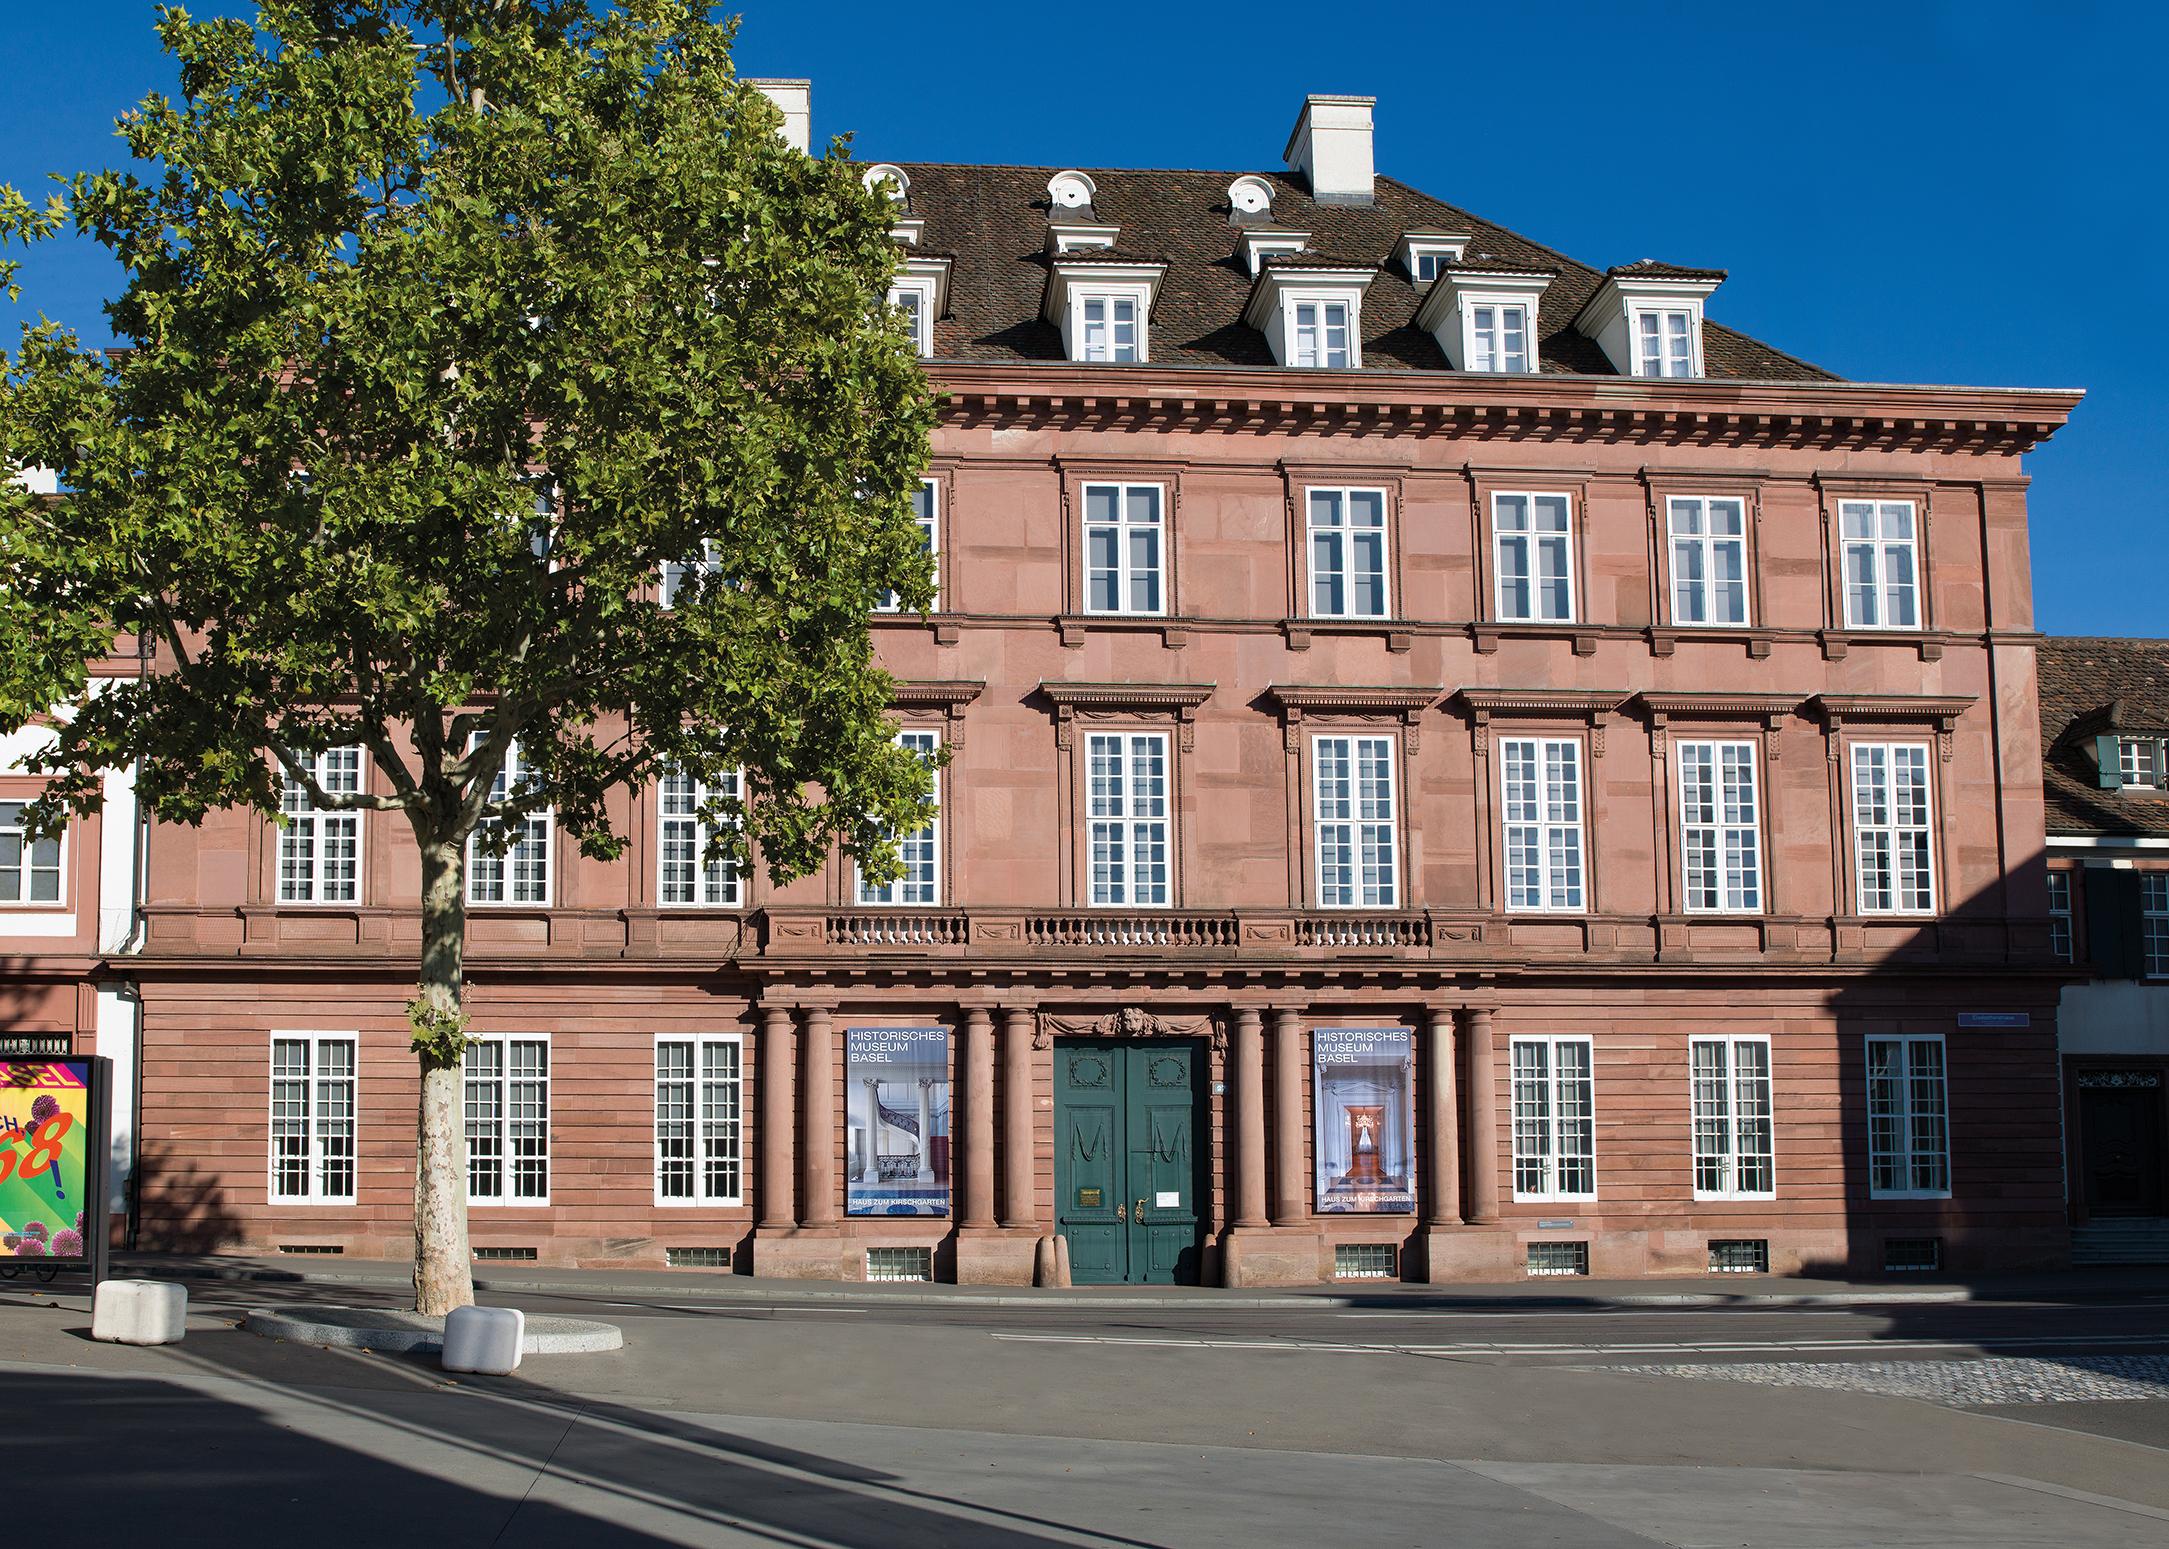 Haus zum Kirschgarten - Historisches Museum Basel – Haus zum Kirschgarten